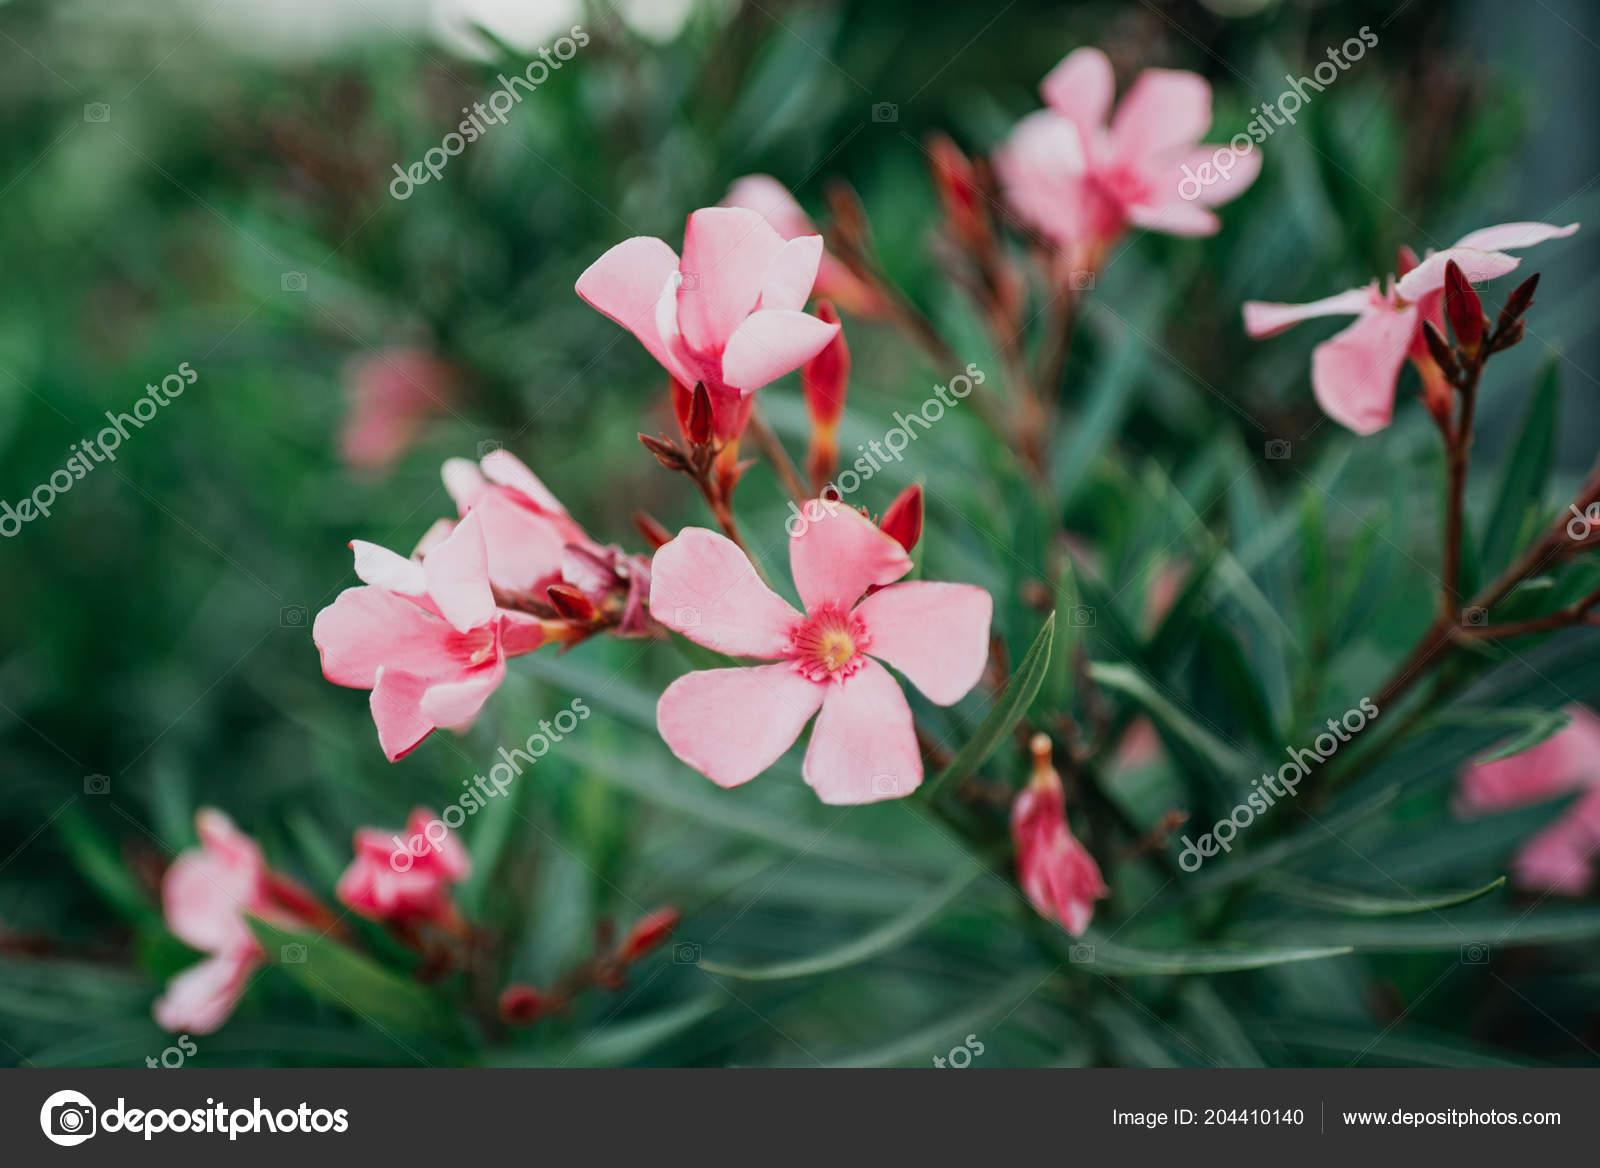 Few Pink Flowers Bush Spain Stock Photo Minchanin 204410140